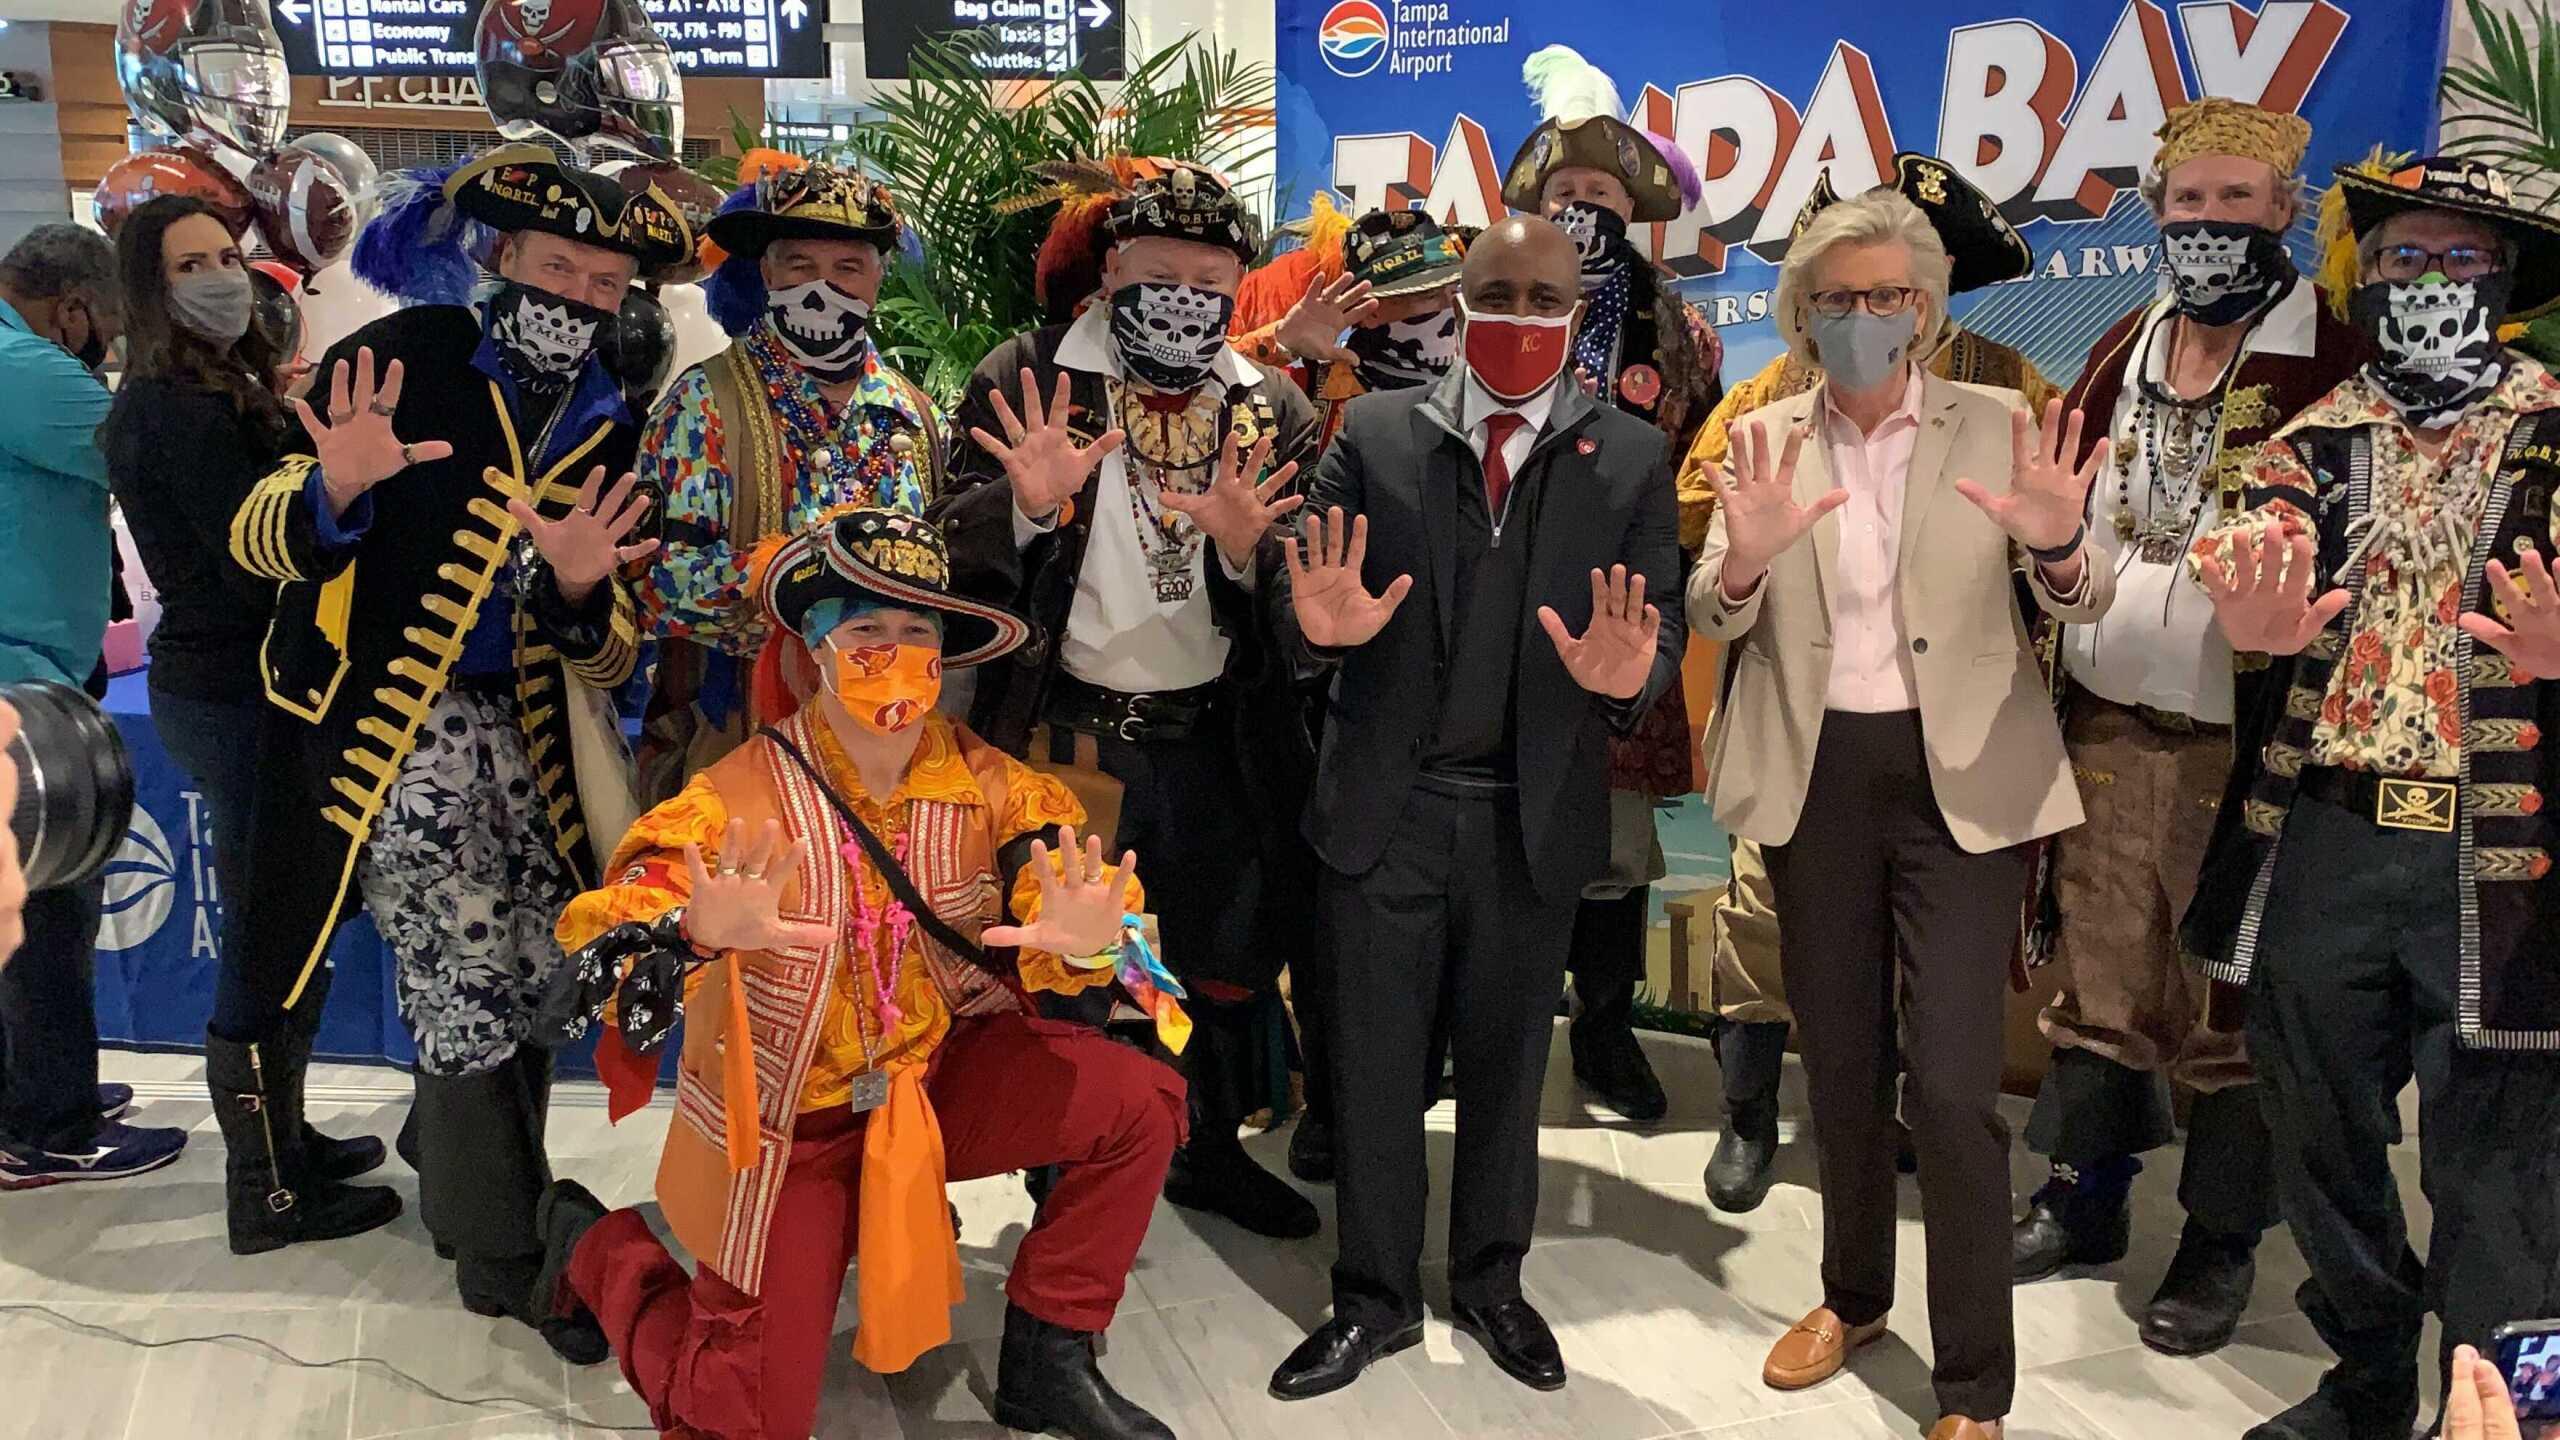 KC Mayor arrives in Tampa TAYLOR VINSON 2.jpg